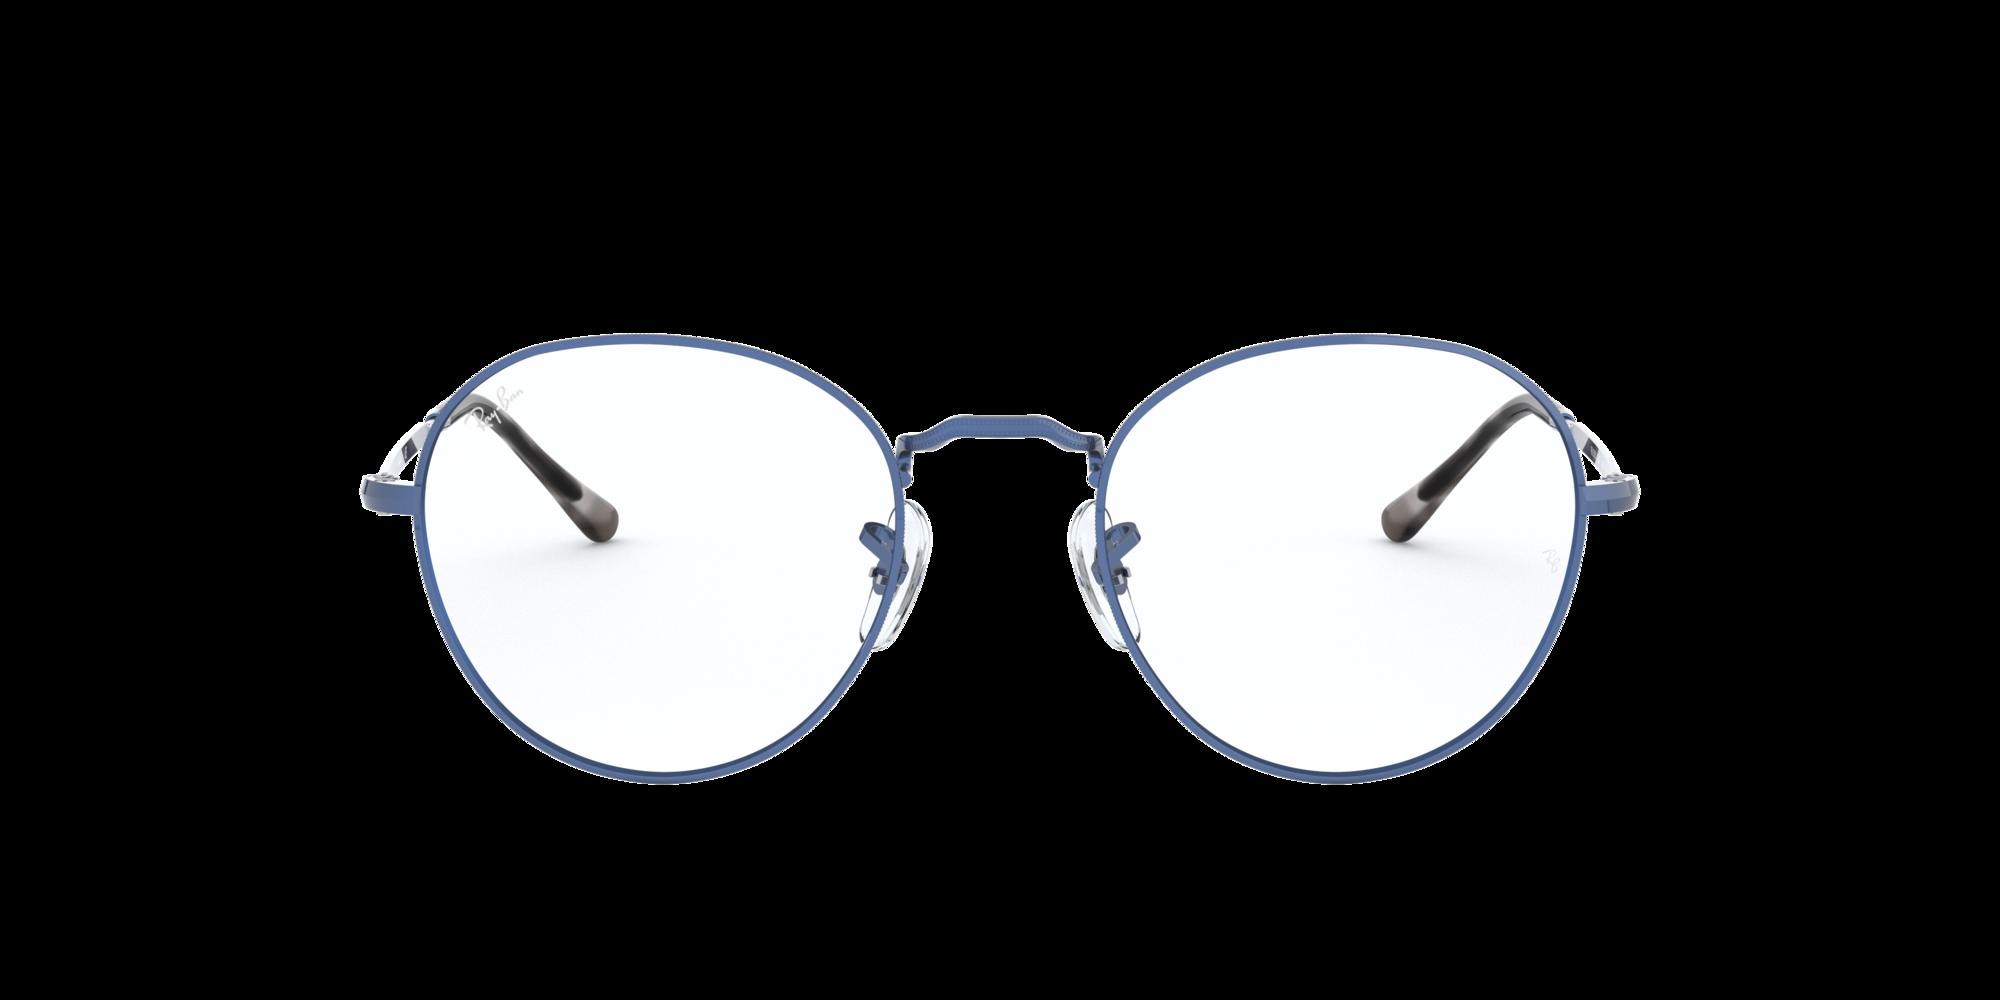 Imagen para RX3582V DAVID de LensCrafters |  Espejuelos, espejuelos graduados en línea, gafas